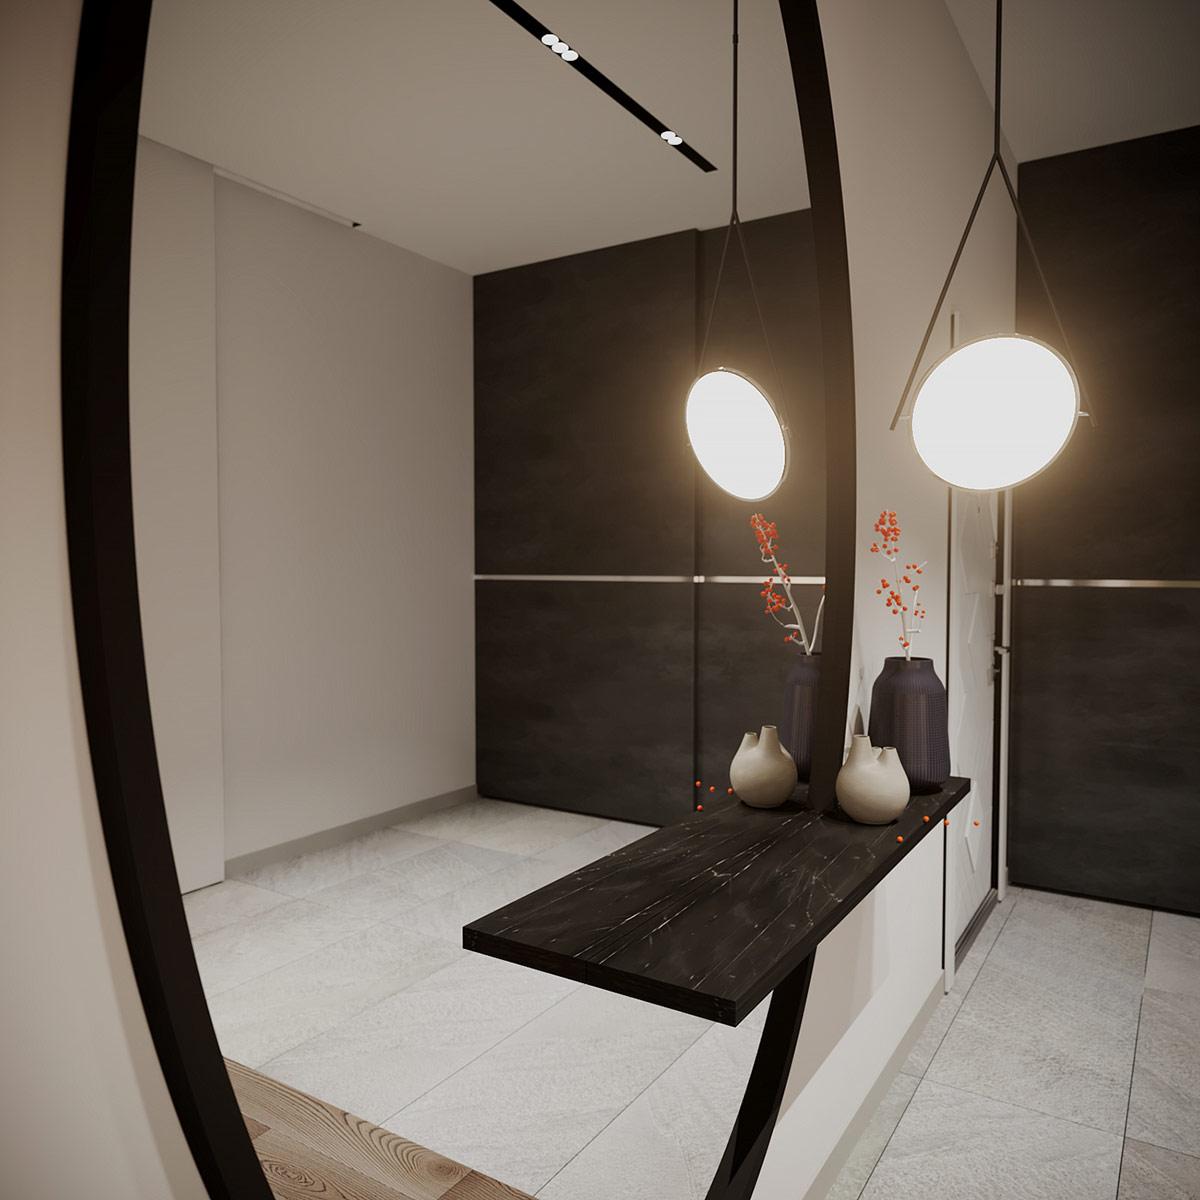 Интерьер класса люкс с блестящими темными акцентами: Фотообзор